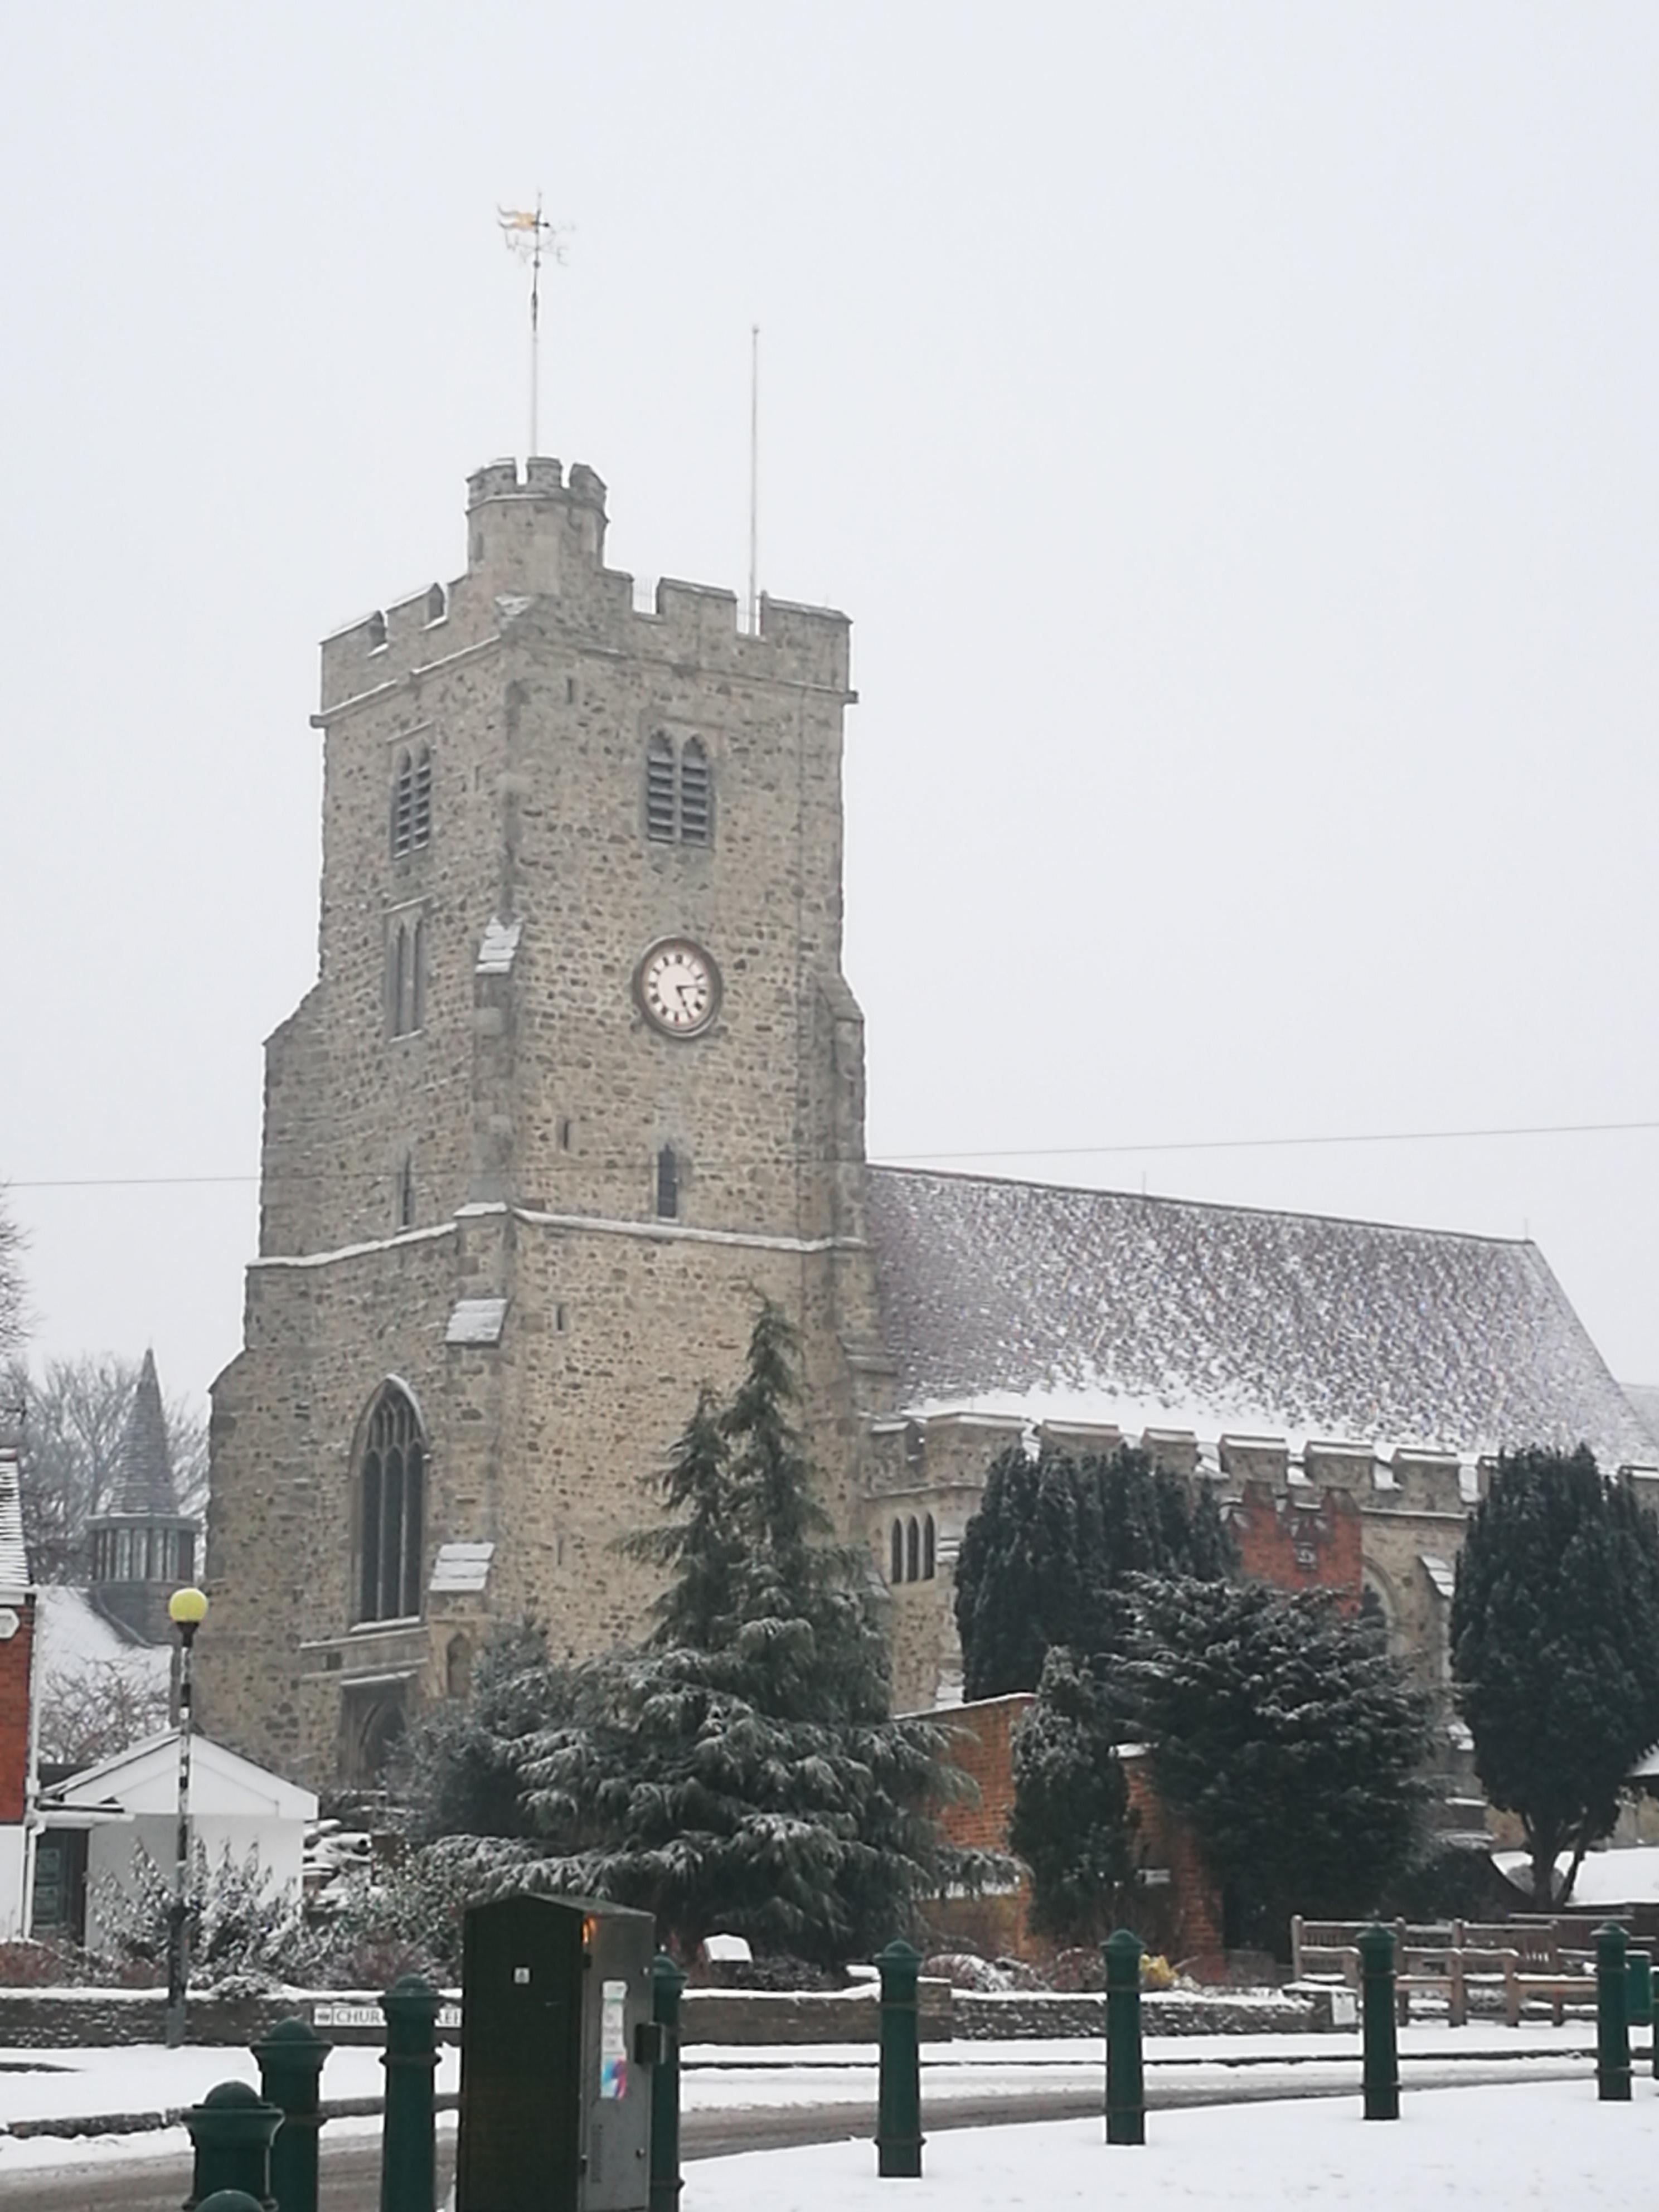 A snow covered Holy Trinity Church